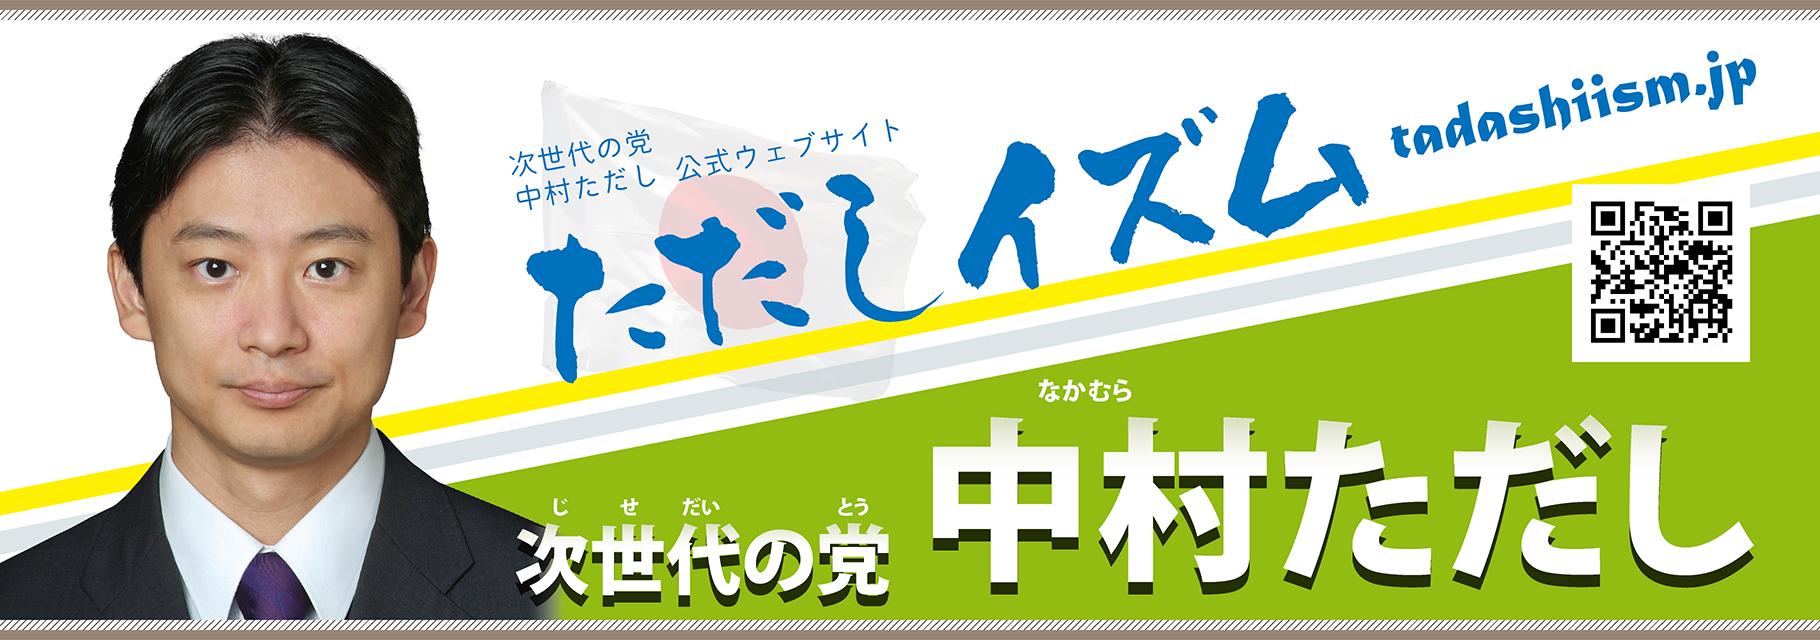 日本のこころ 中村ただし 公式ウェブサイト 「ただしイズム」